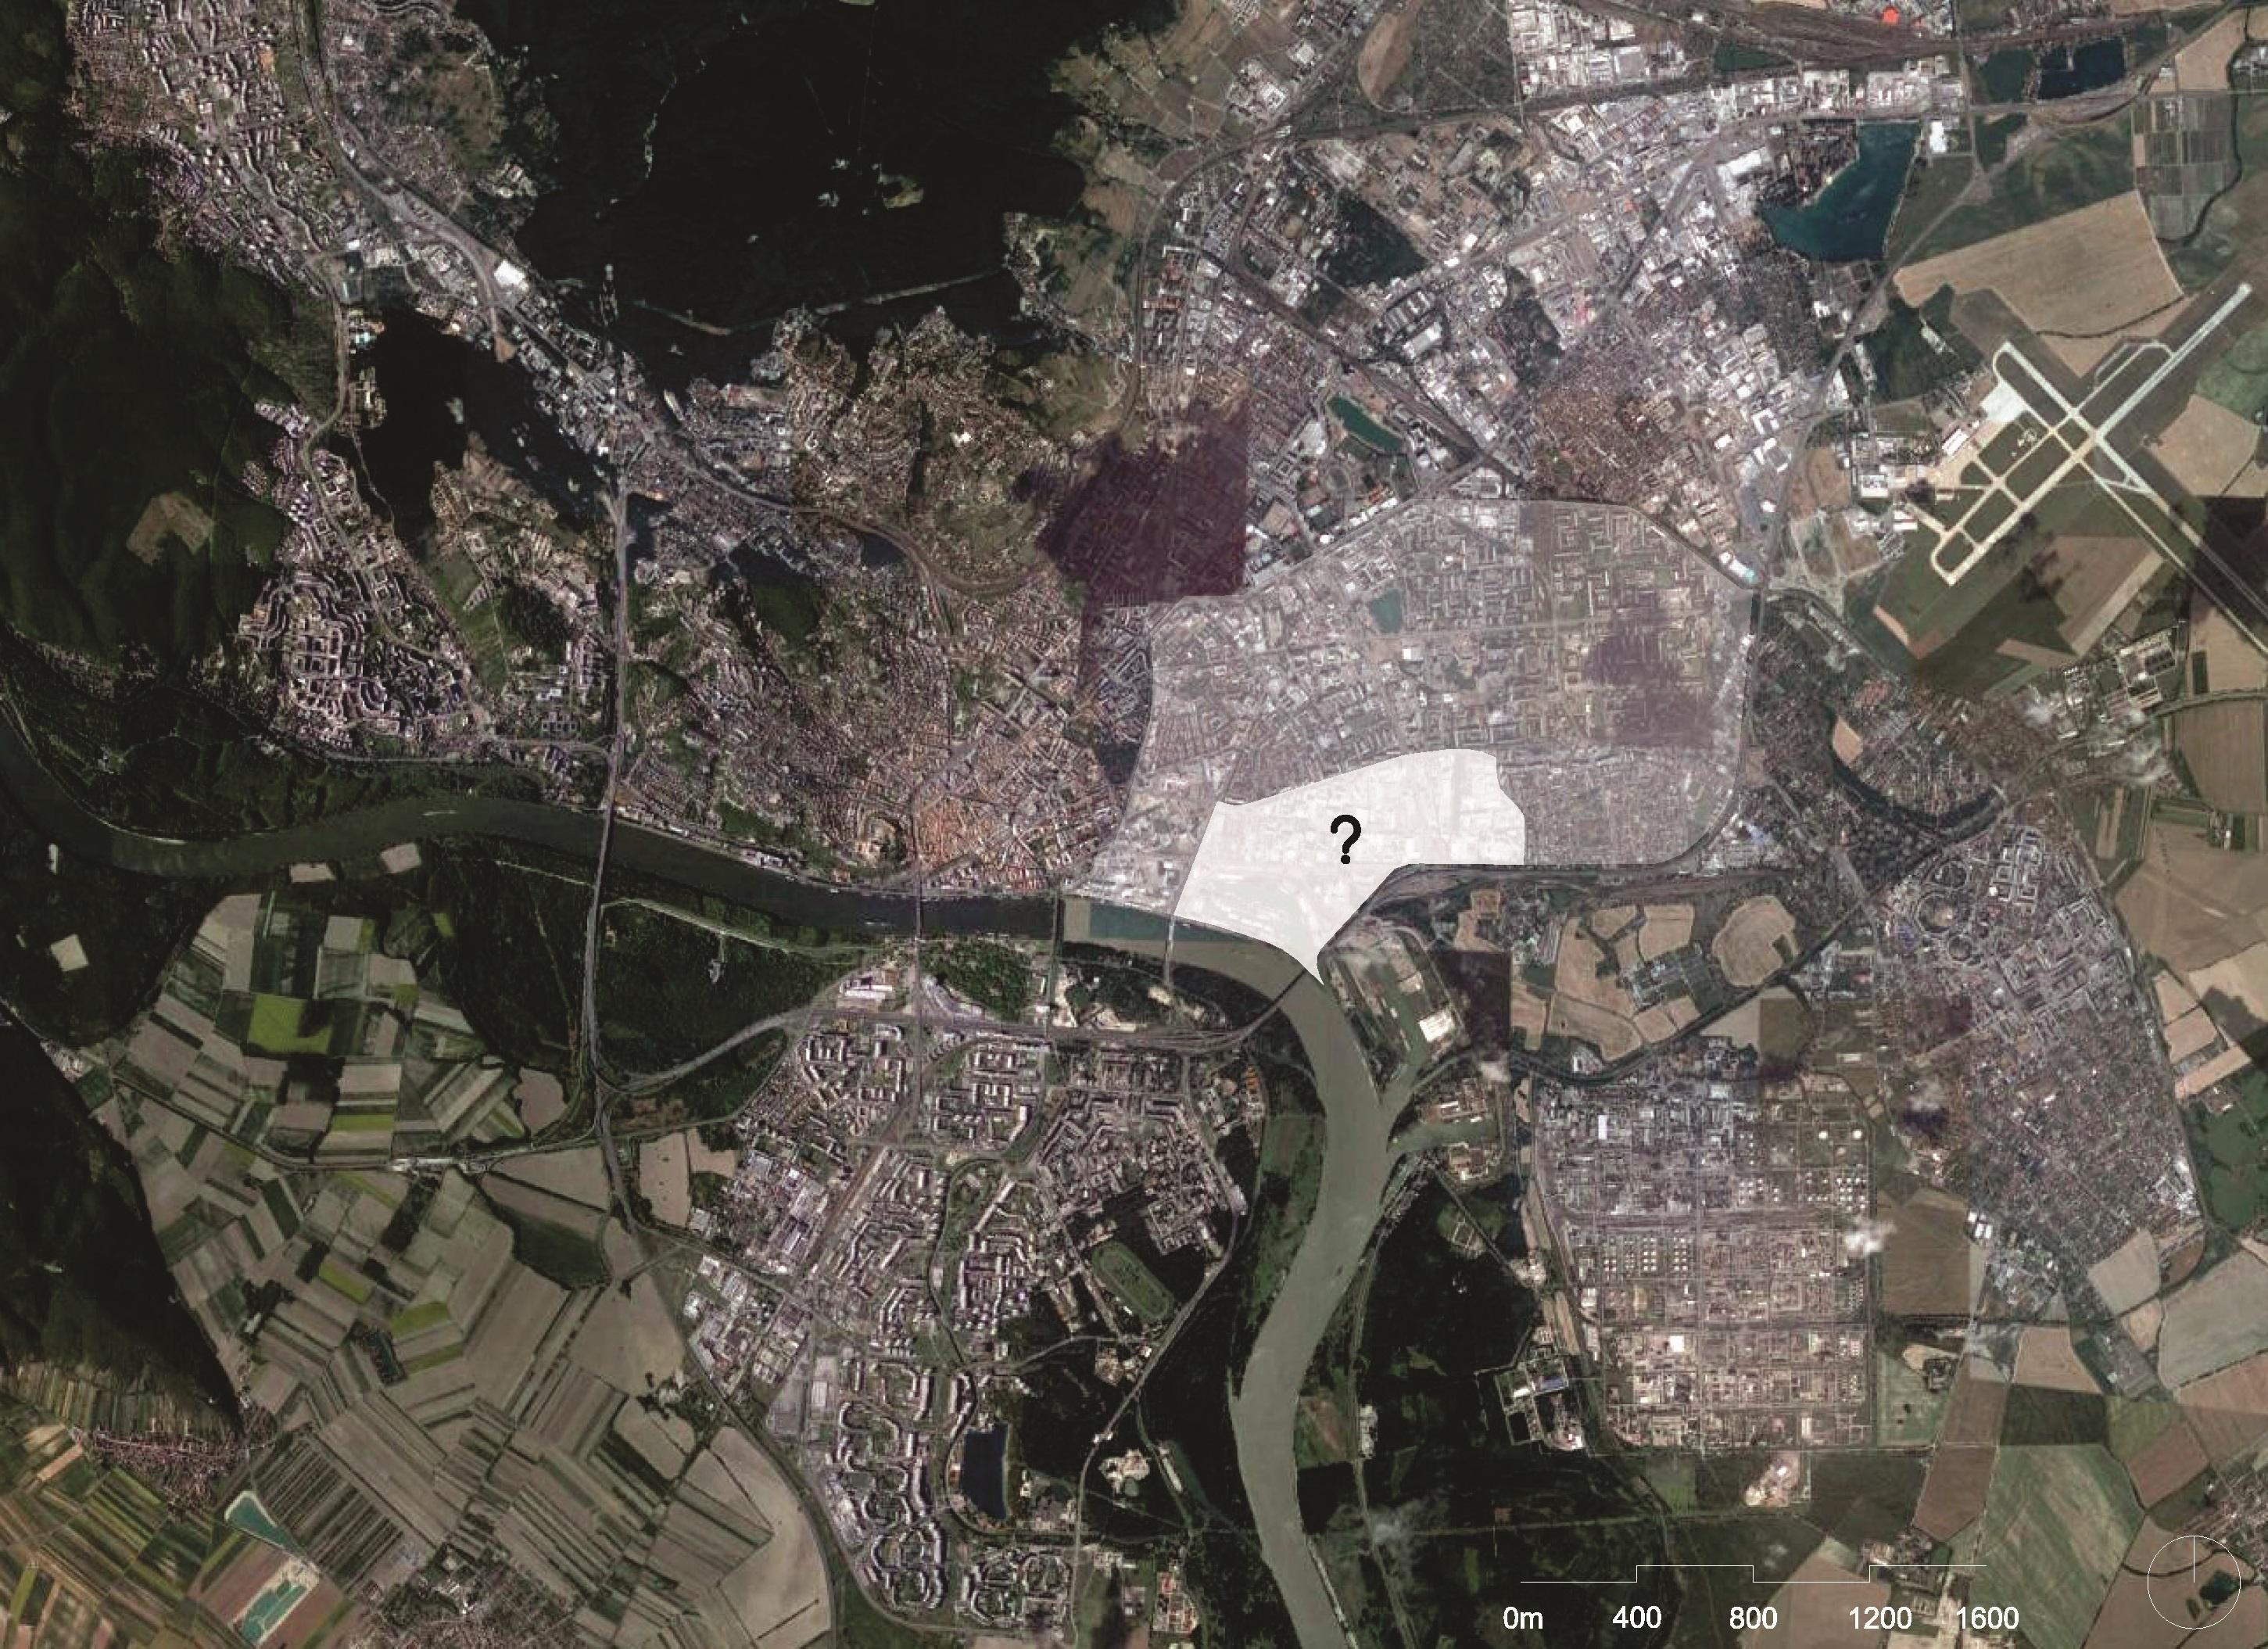 a551e2e1194 Diplomová práca je urbanistickým návrhom rozvojového územia nachádzajúceho  sa v okrese Bratislava 2 v Mestskej časti Ružinov v častiach Mlynské Nivy